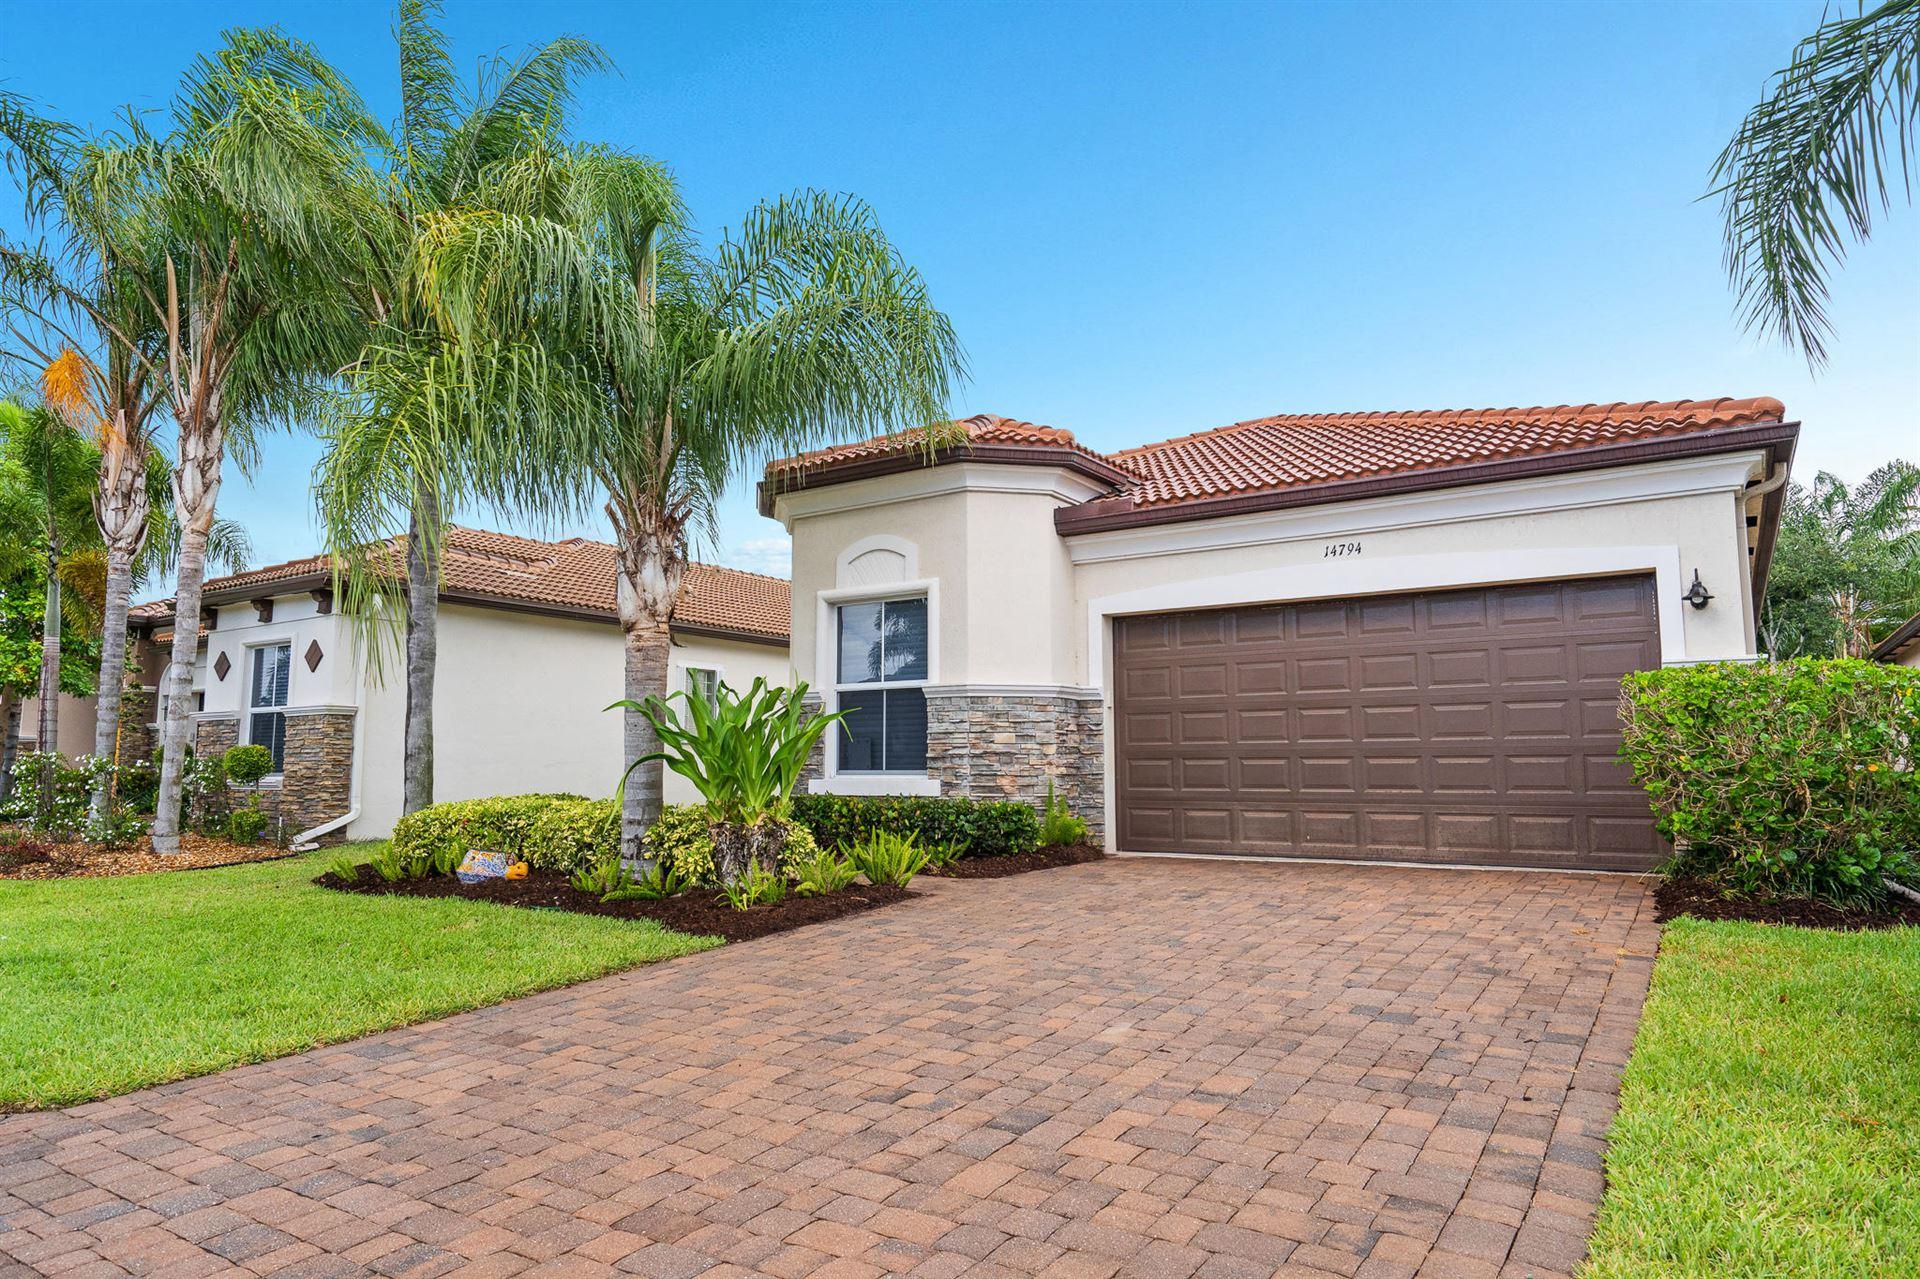 14794 Rapolla Drive, Delray Beach, FL 33446 - #: RX-10718223